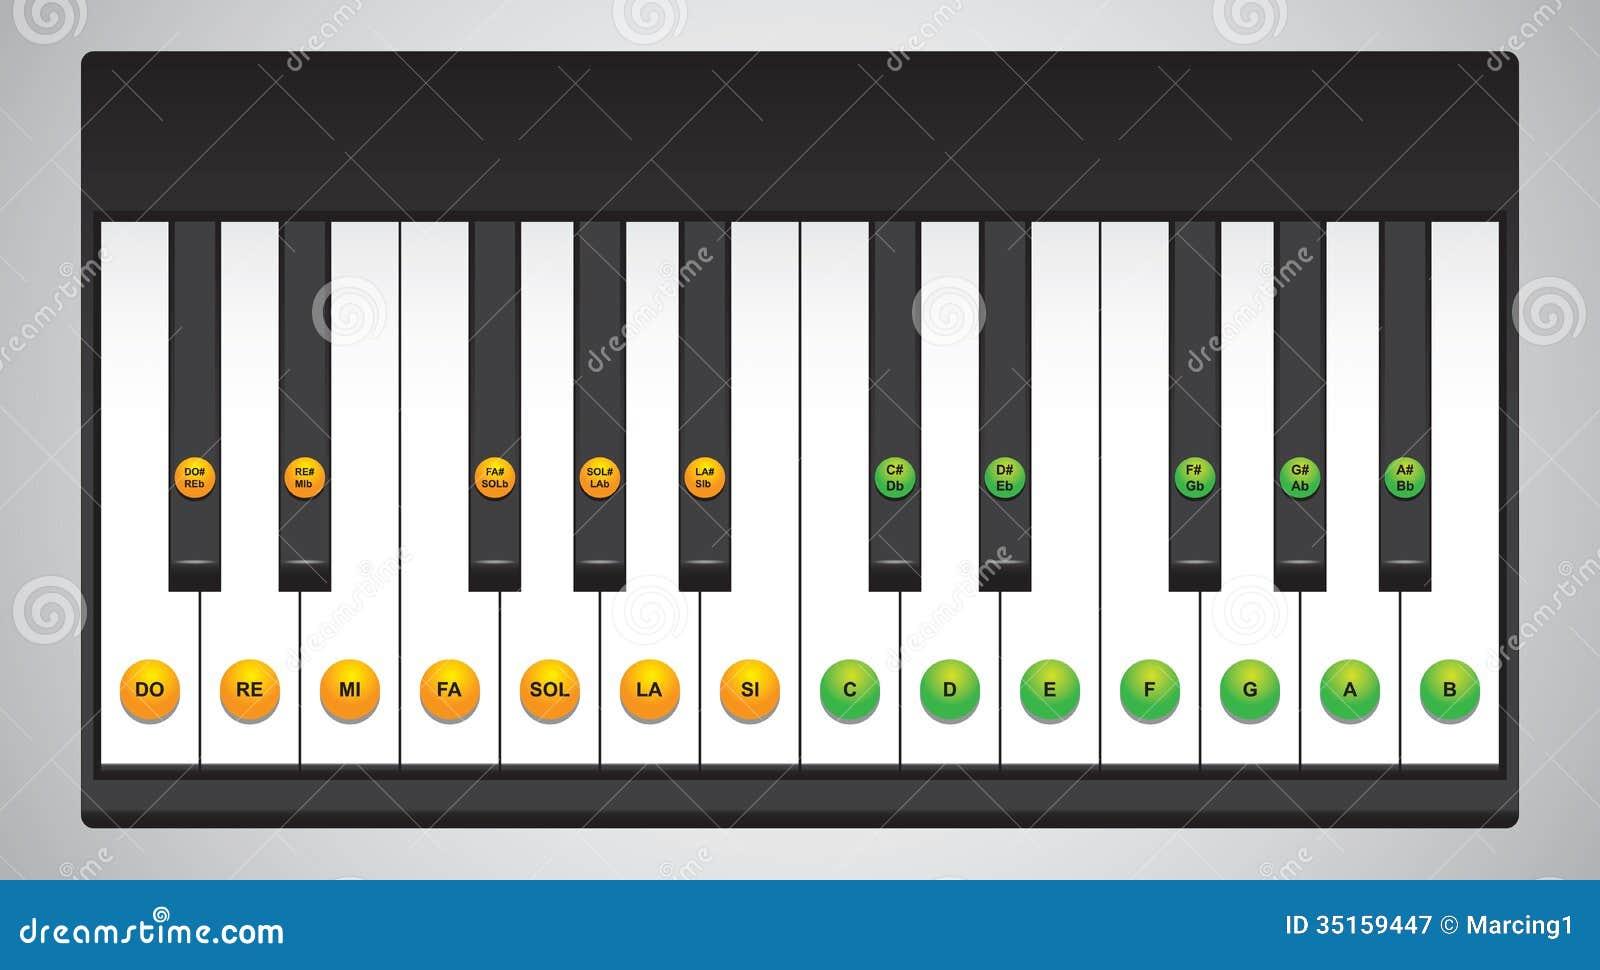 Piano Keys Chart Stock Vector Illustration Of Keys Symbol 35159447